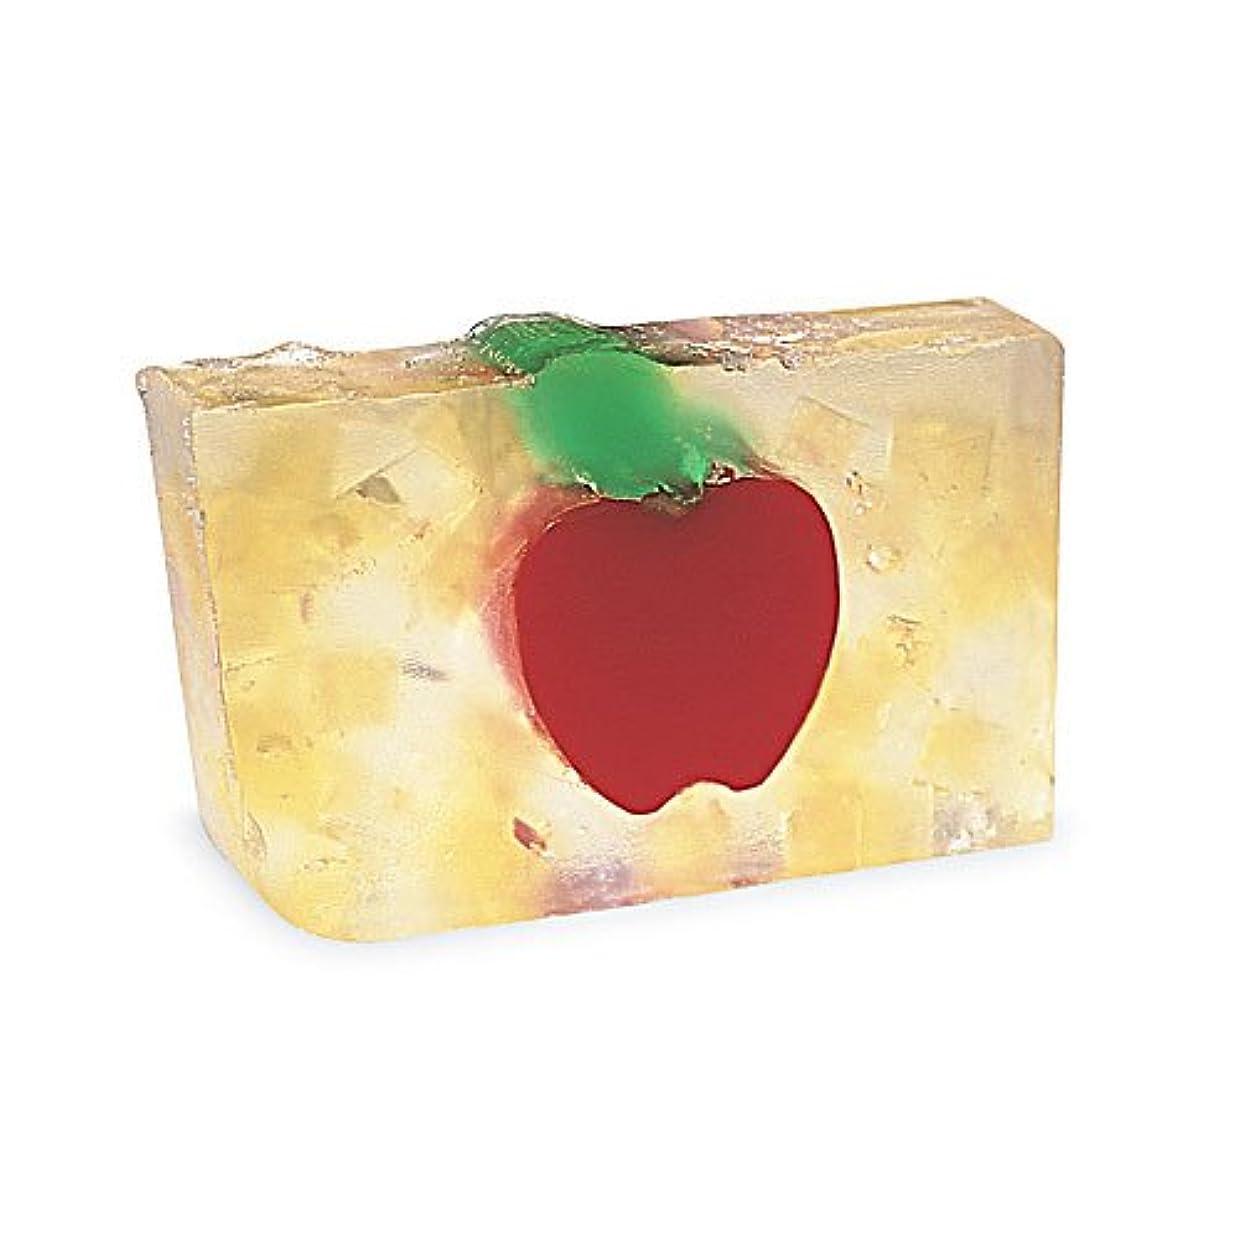 今までバッテリー受取人プライモールエレメンツ アロマティック ソープ ビッグアップル 180g 植物性 ナチュラル 石鹸 無添加